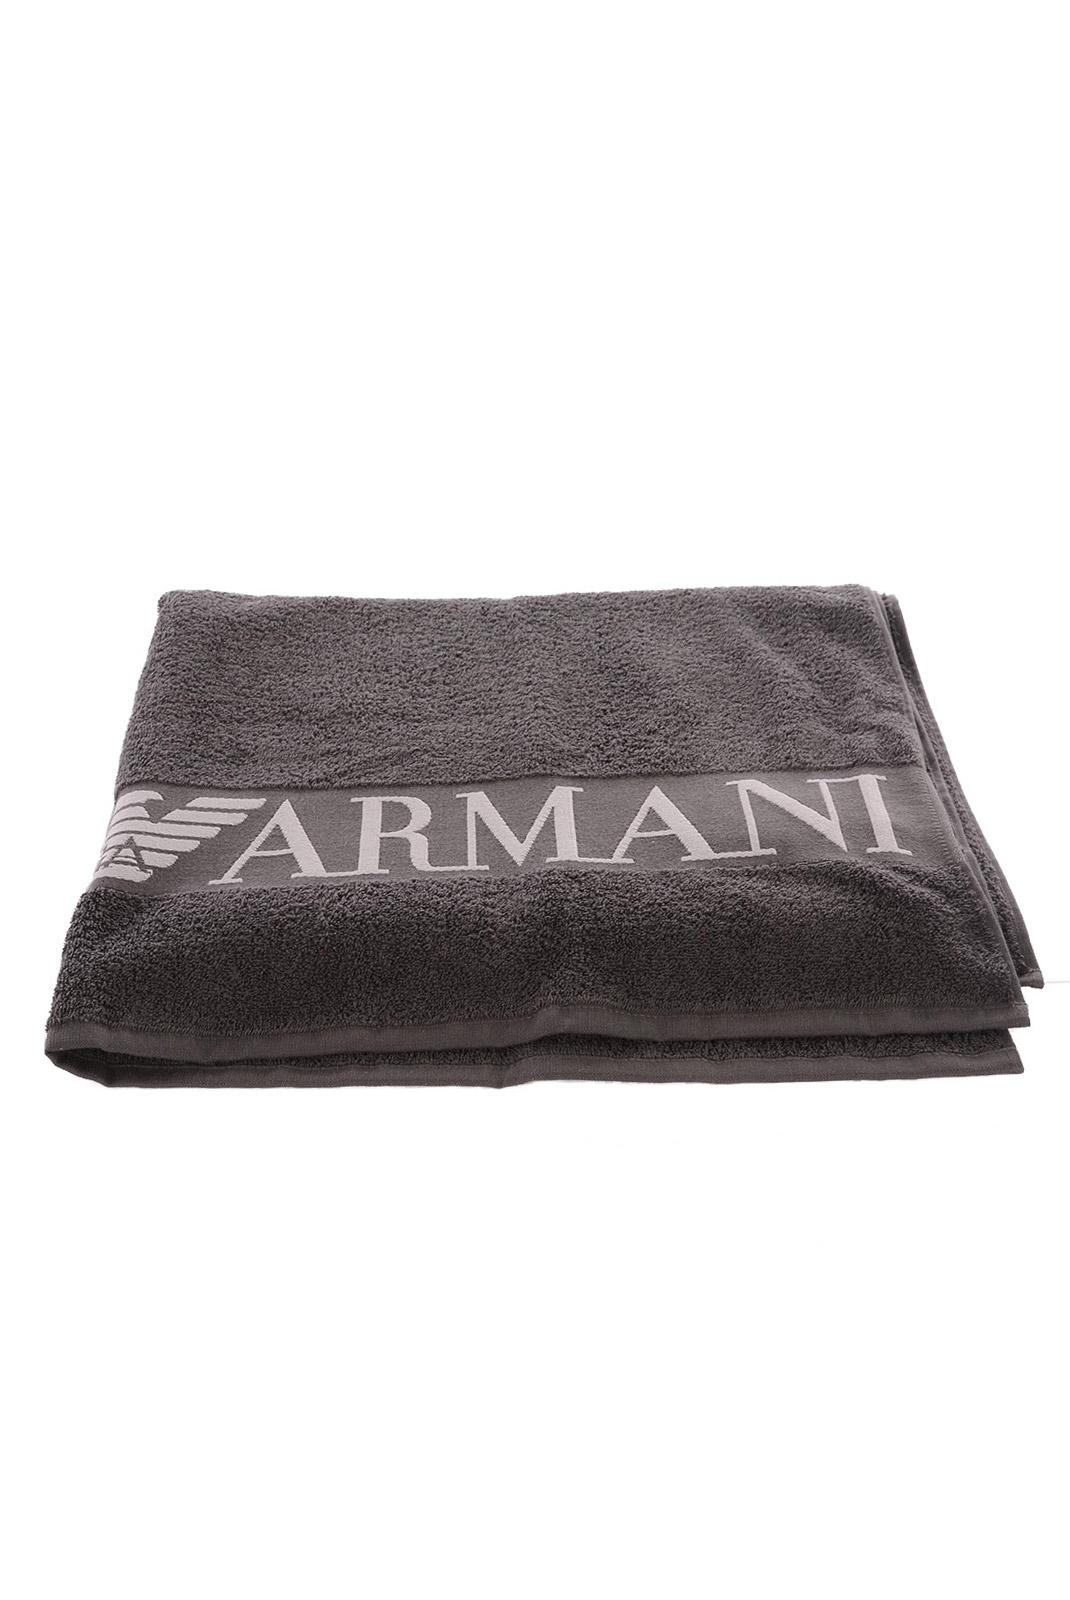 serviettes de bain homme emporio armani 211095 5p482 13343 greige. Black Bedroom Furniture Sets. Home Design Ideas